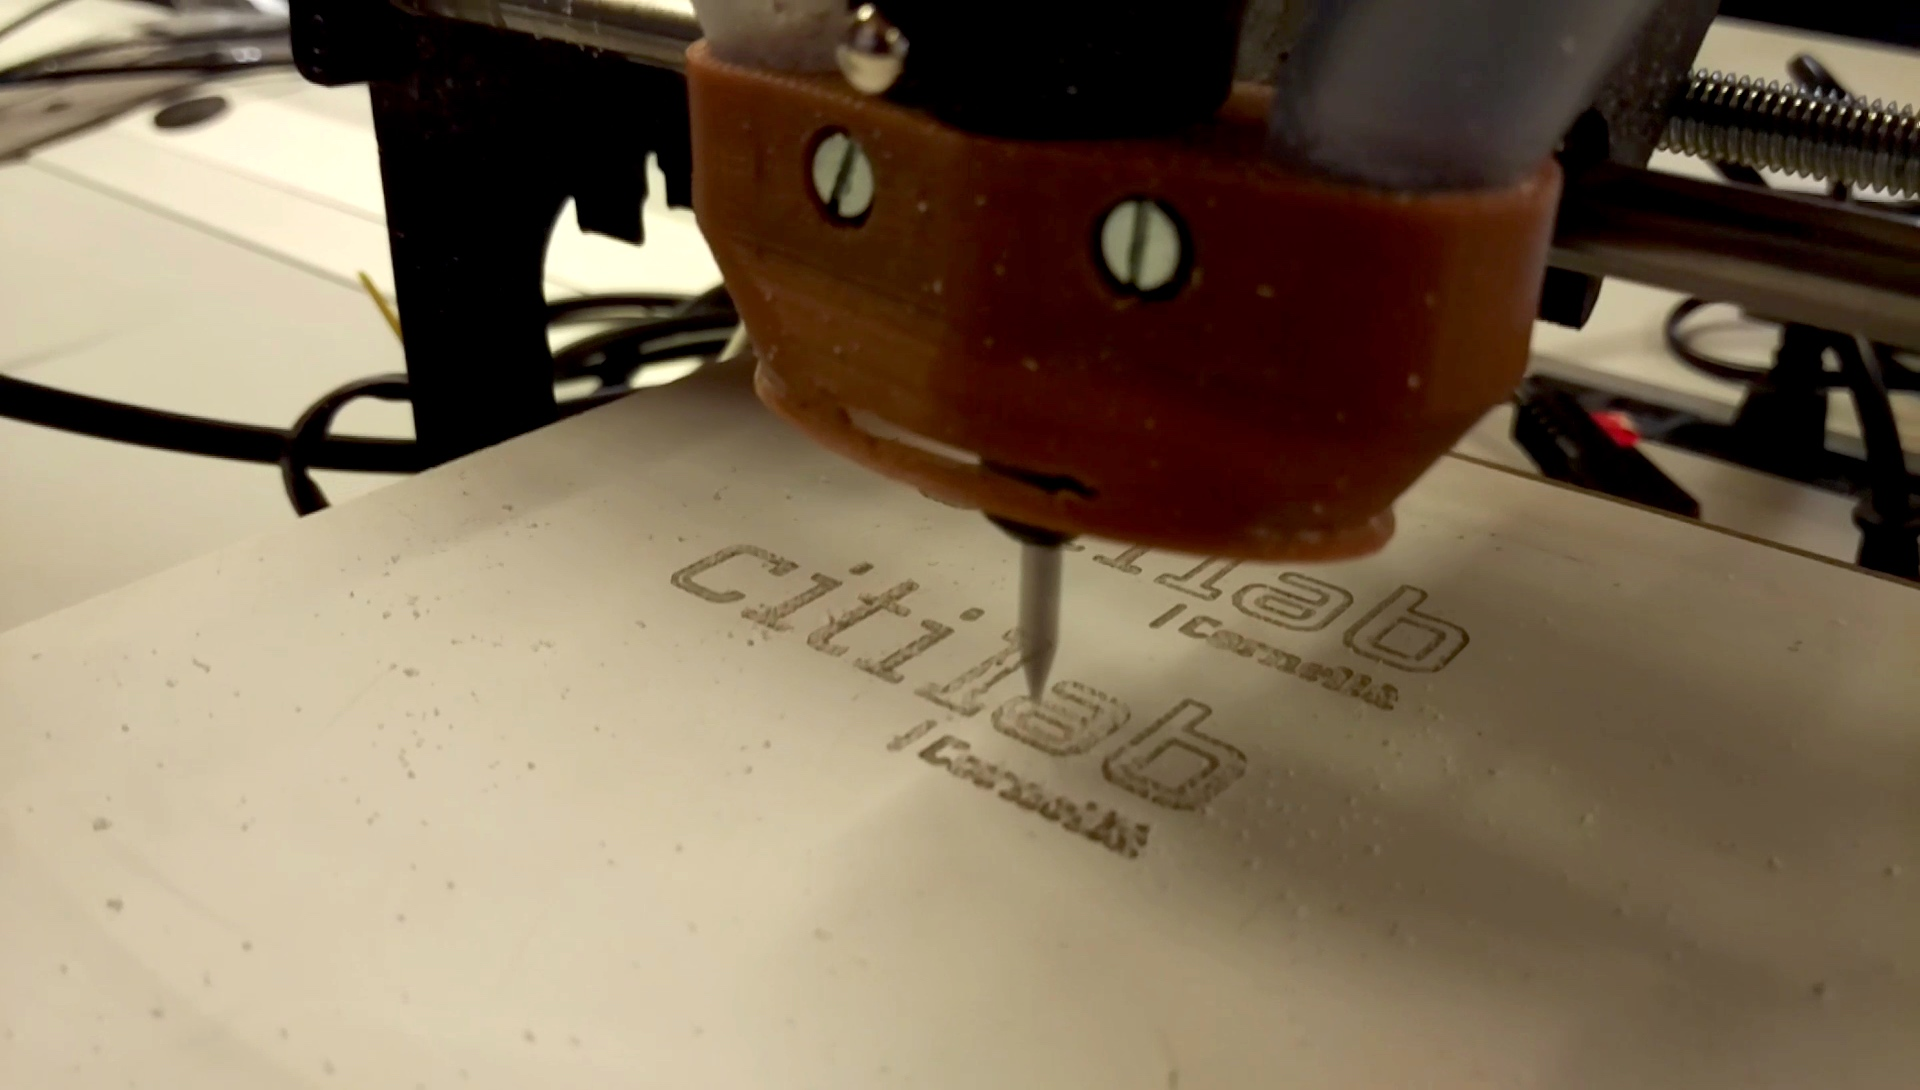 Els Clubs Presenten… La Talladora CNC